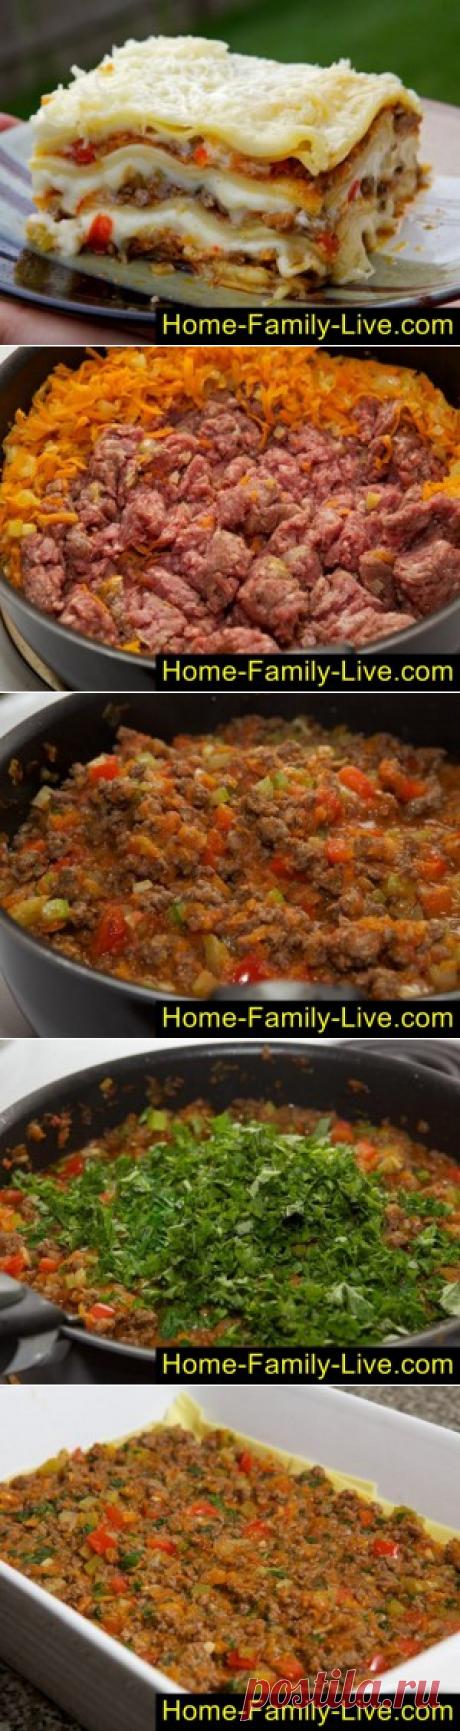 Лазанья мясная/Сайт с пошаговыми рецептами с фото для тех кто любит готовить